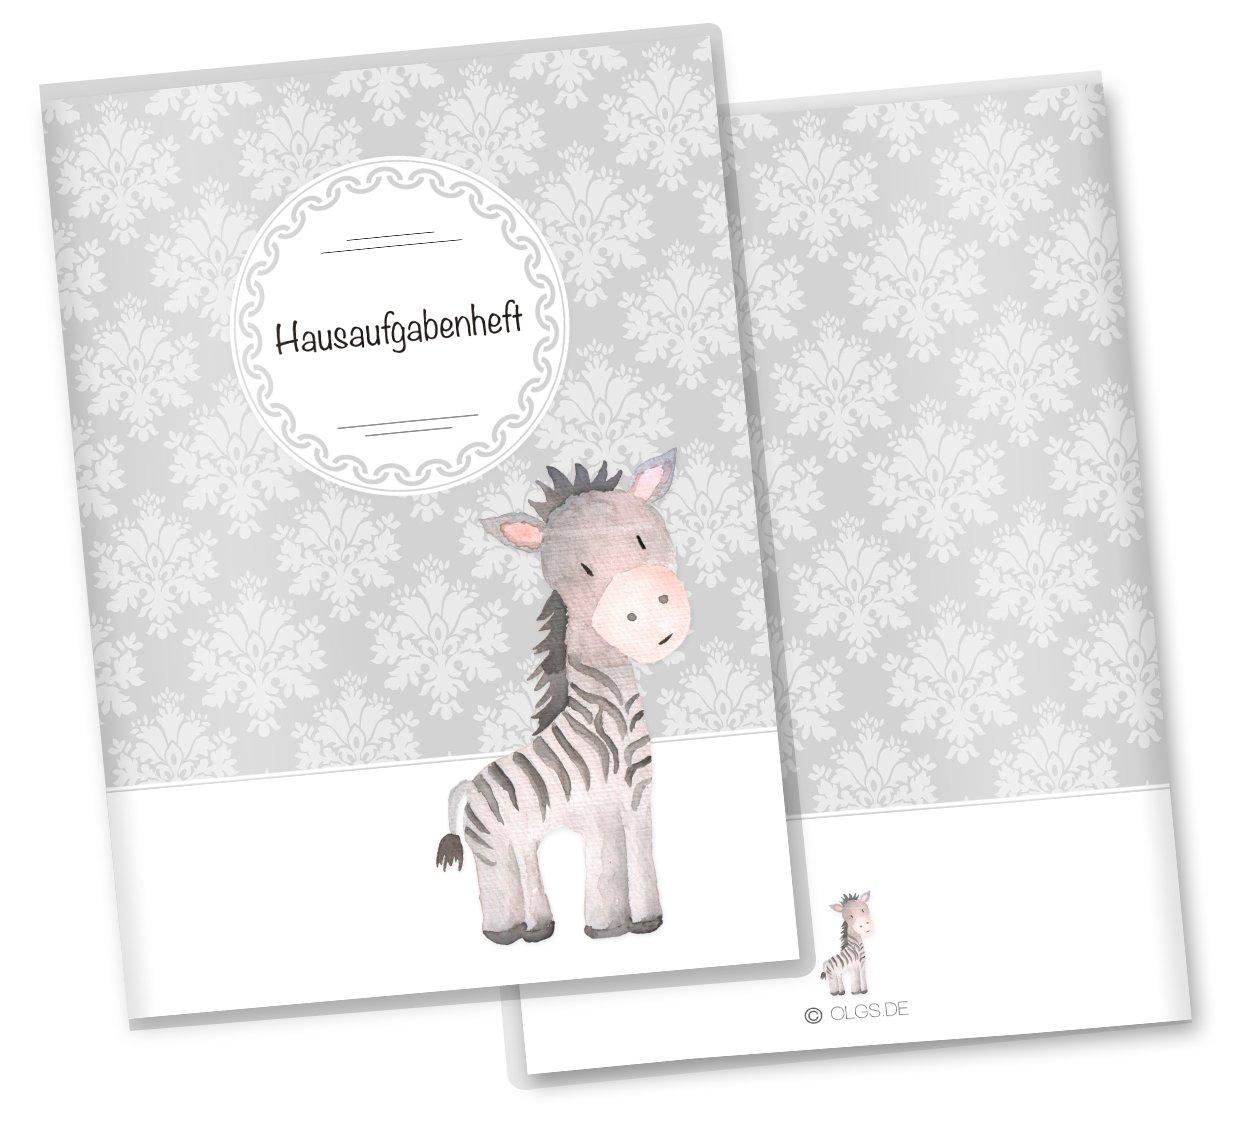 Hausaufgabenheft Hü lle Black & White Schutzhü lle Geschenkidee (Ohne Personalisierung, ohne Motiv) Olgs Babyartikel